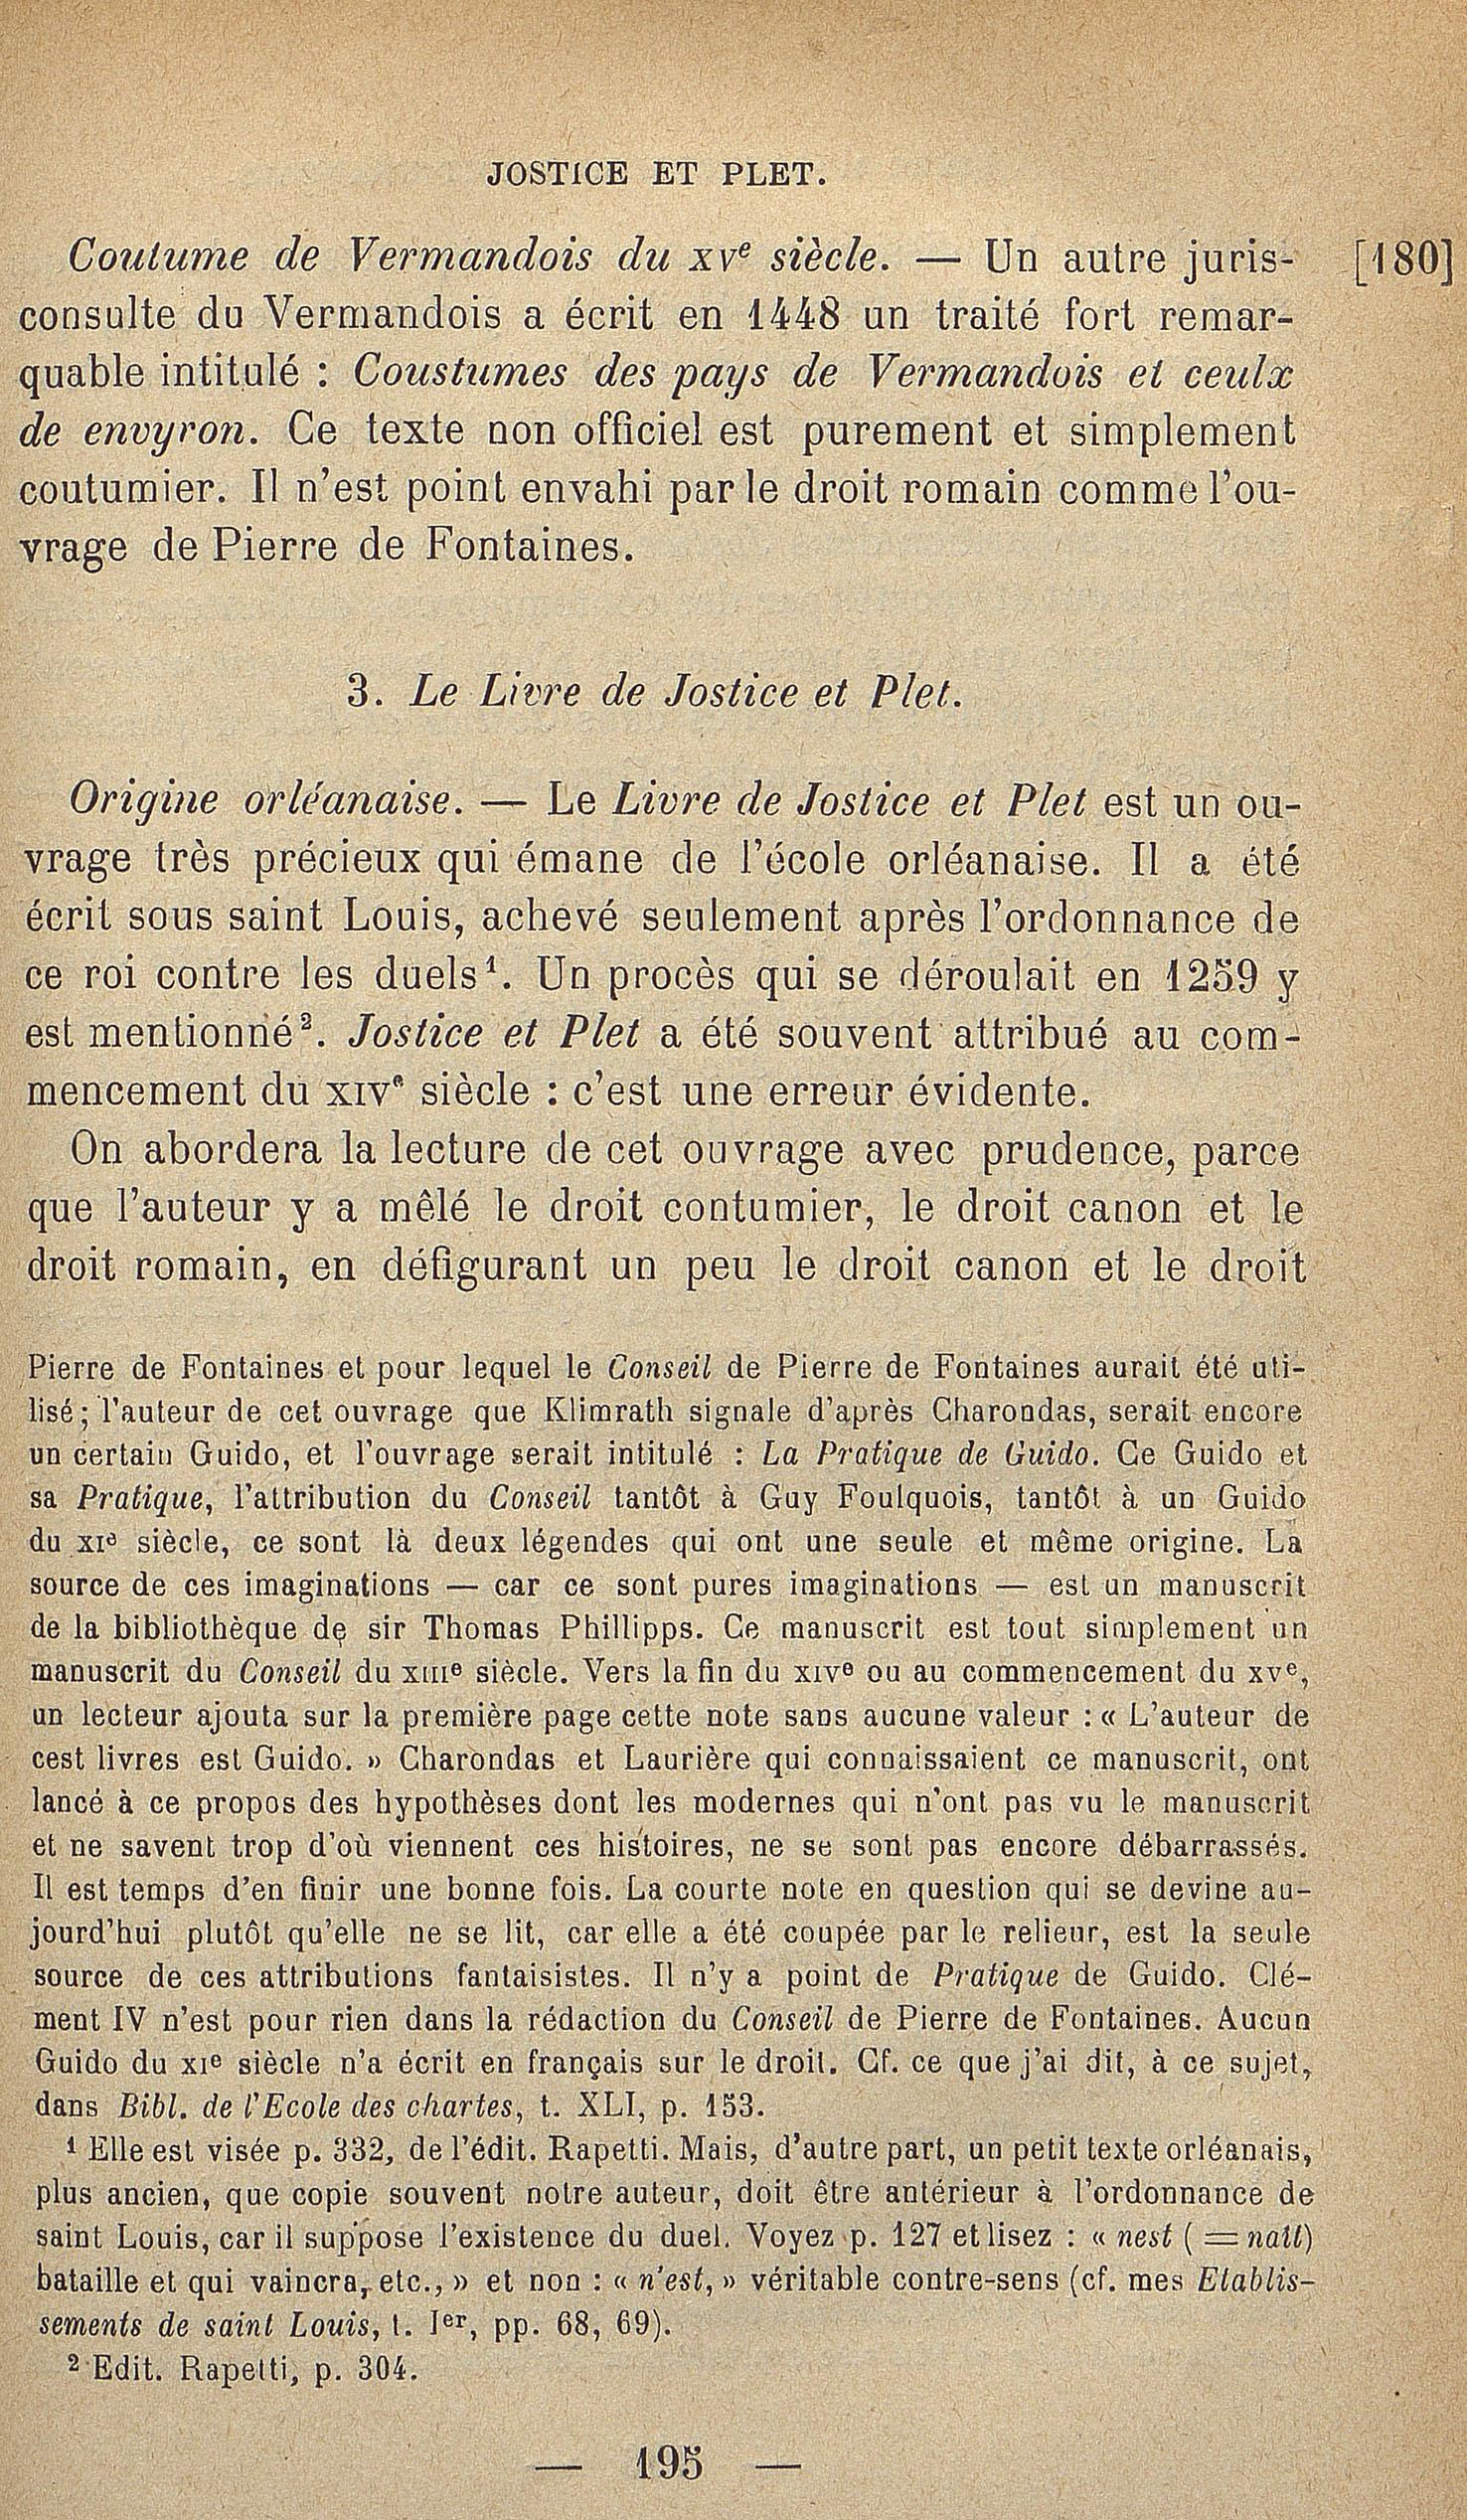 http://expo-paulviollet.univ-paris1.fr/wp-content/uploads/2016/02/0605121670_0205.jpg